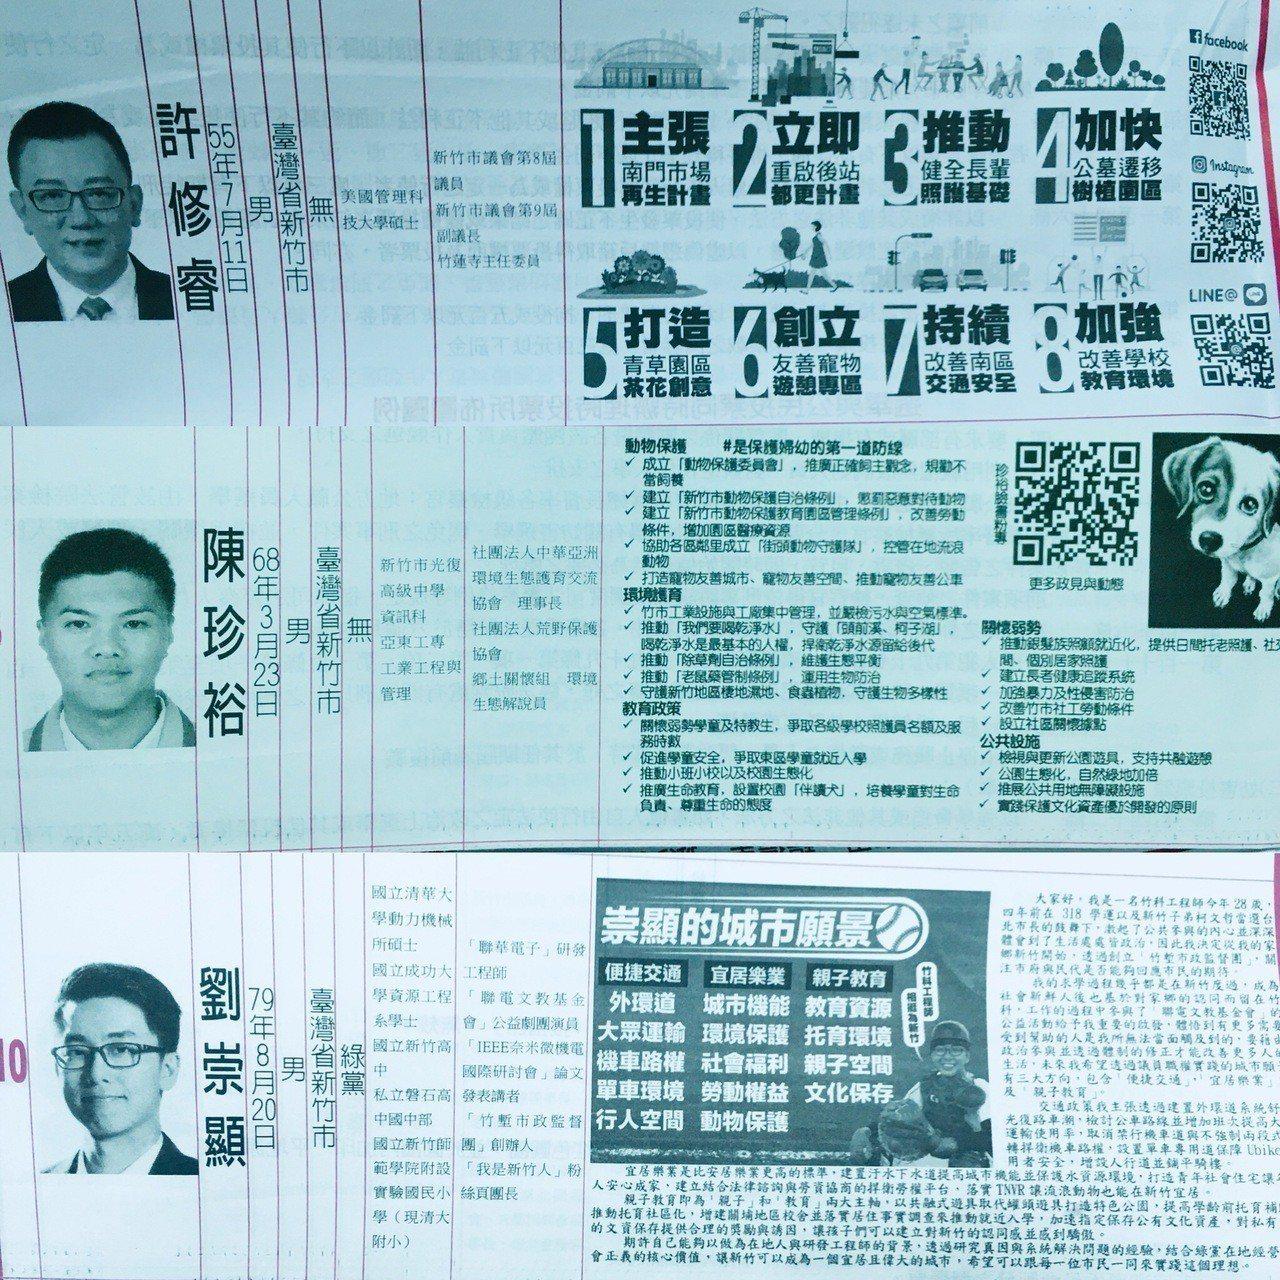 新竹市選舉公報以圖樣填滿政見的候選人。記者張雅婷/攝影